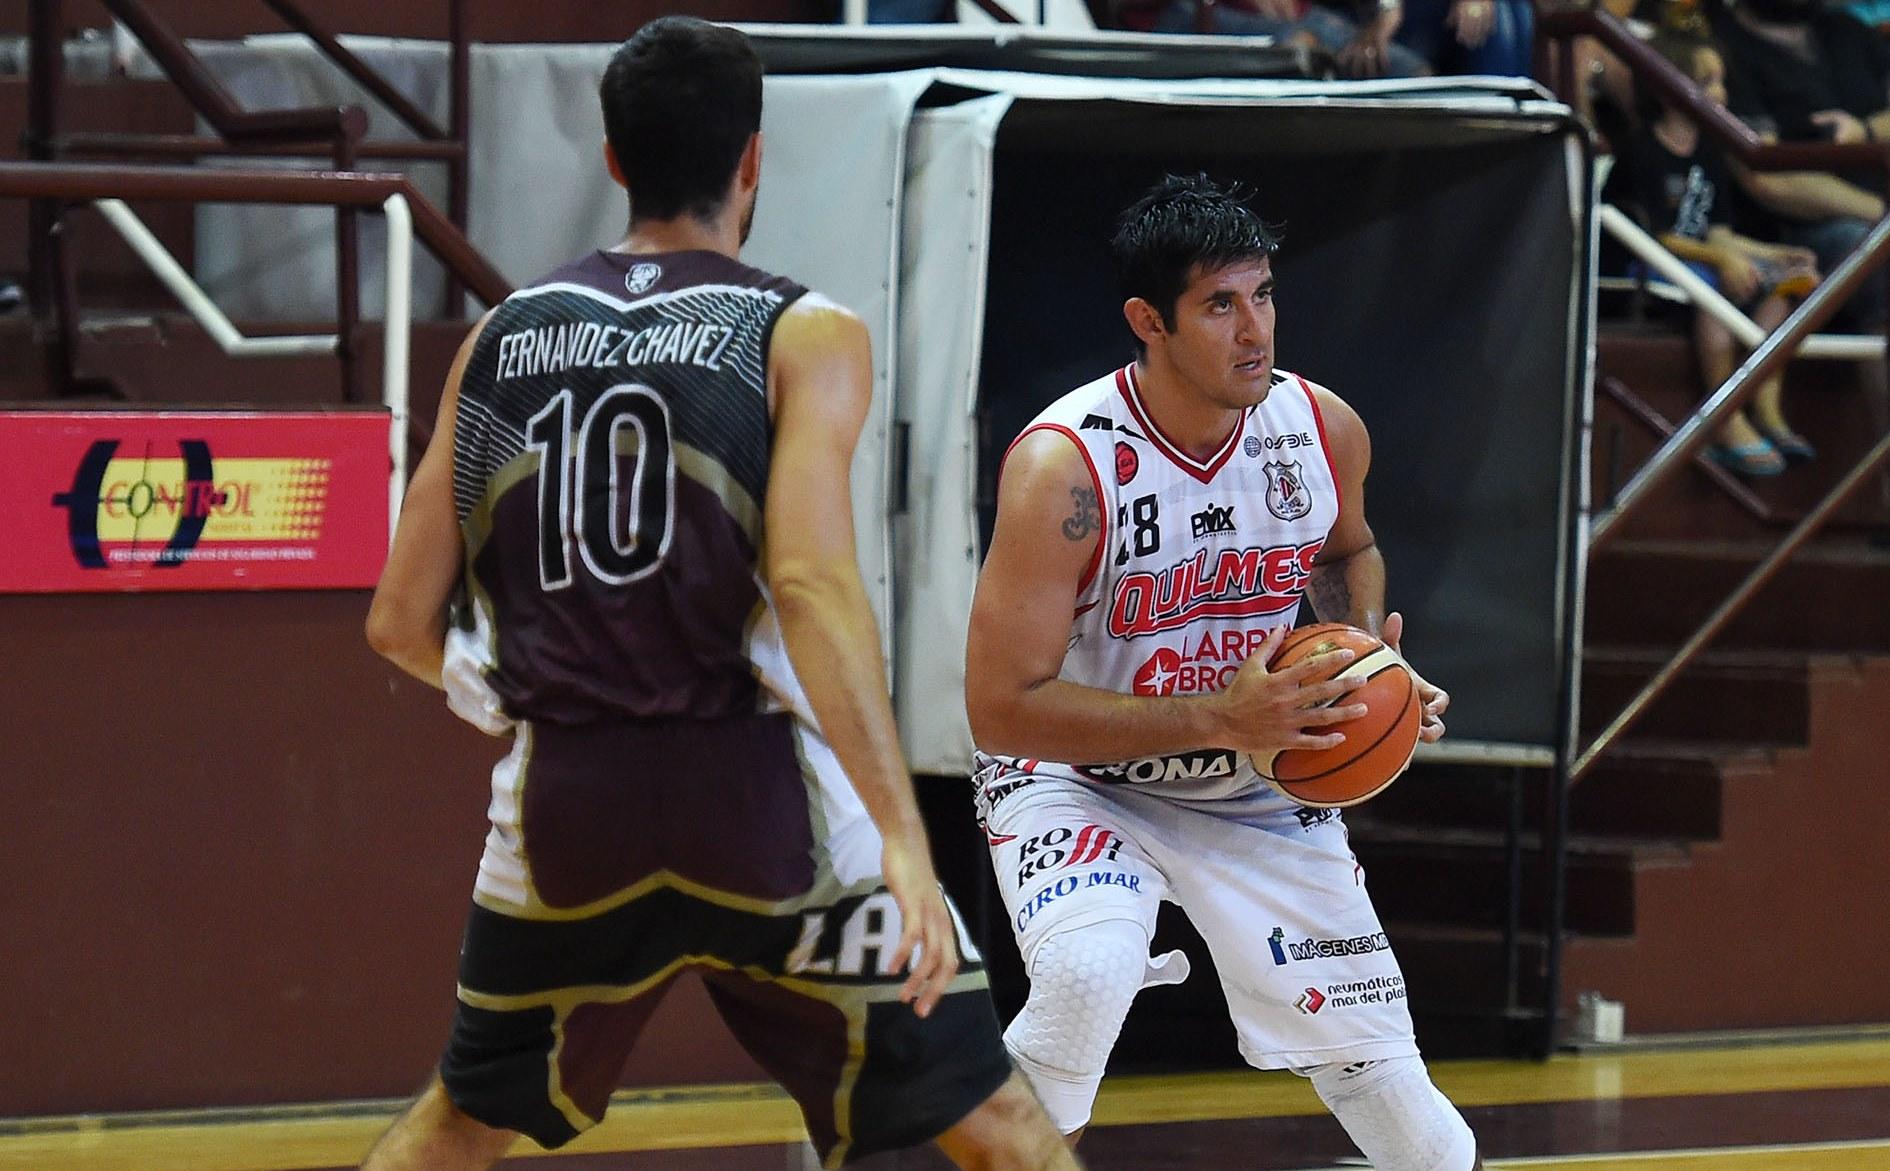 Enzo Ruiz con 4 de 8 triples hizo un buen aporte en Quilmes. (Foto: LNB.com.ar)